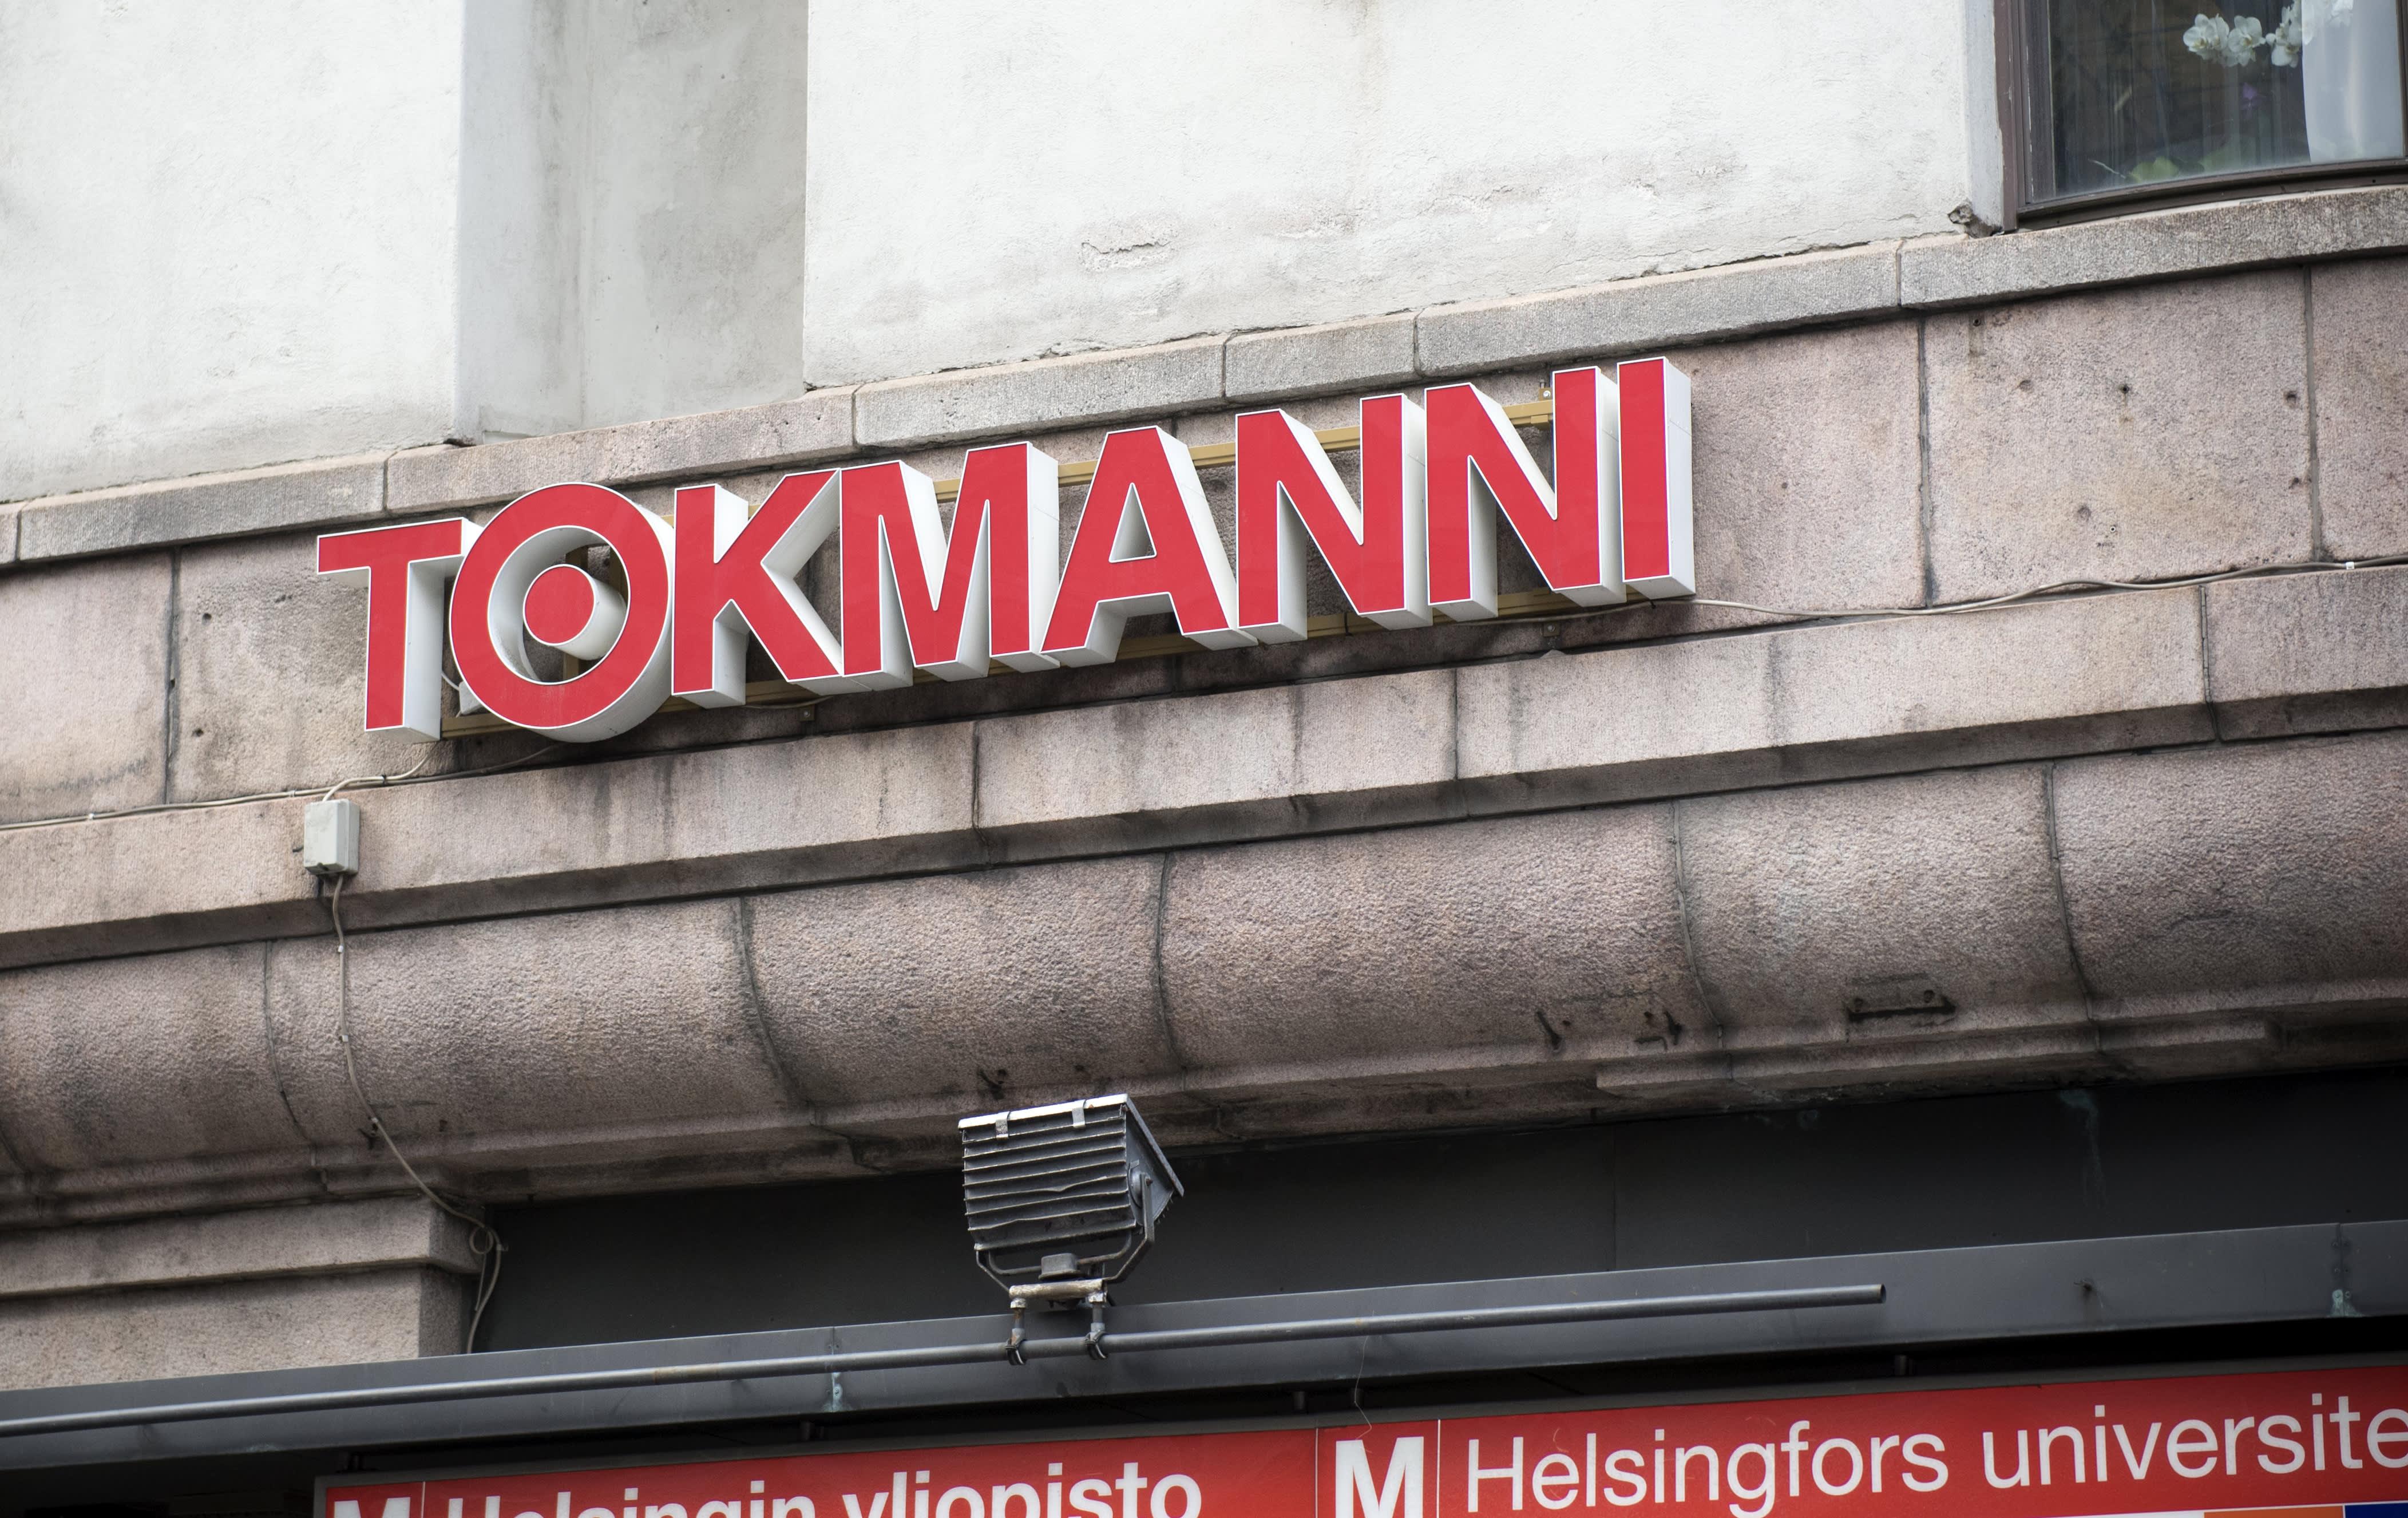 Tokmannin logo Kaisaniemessä